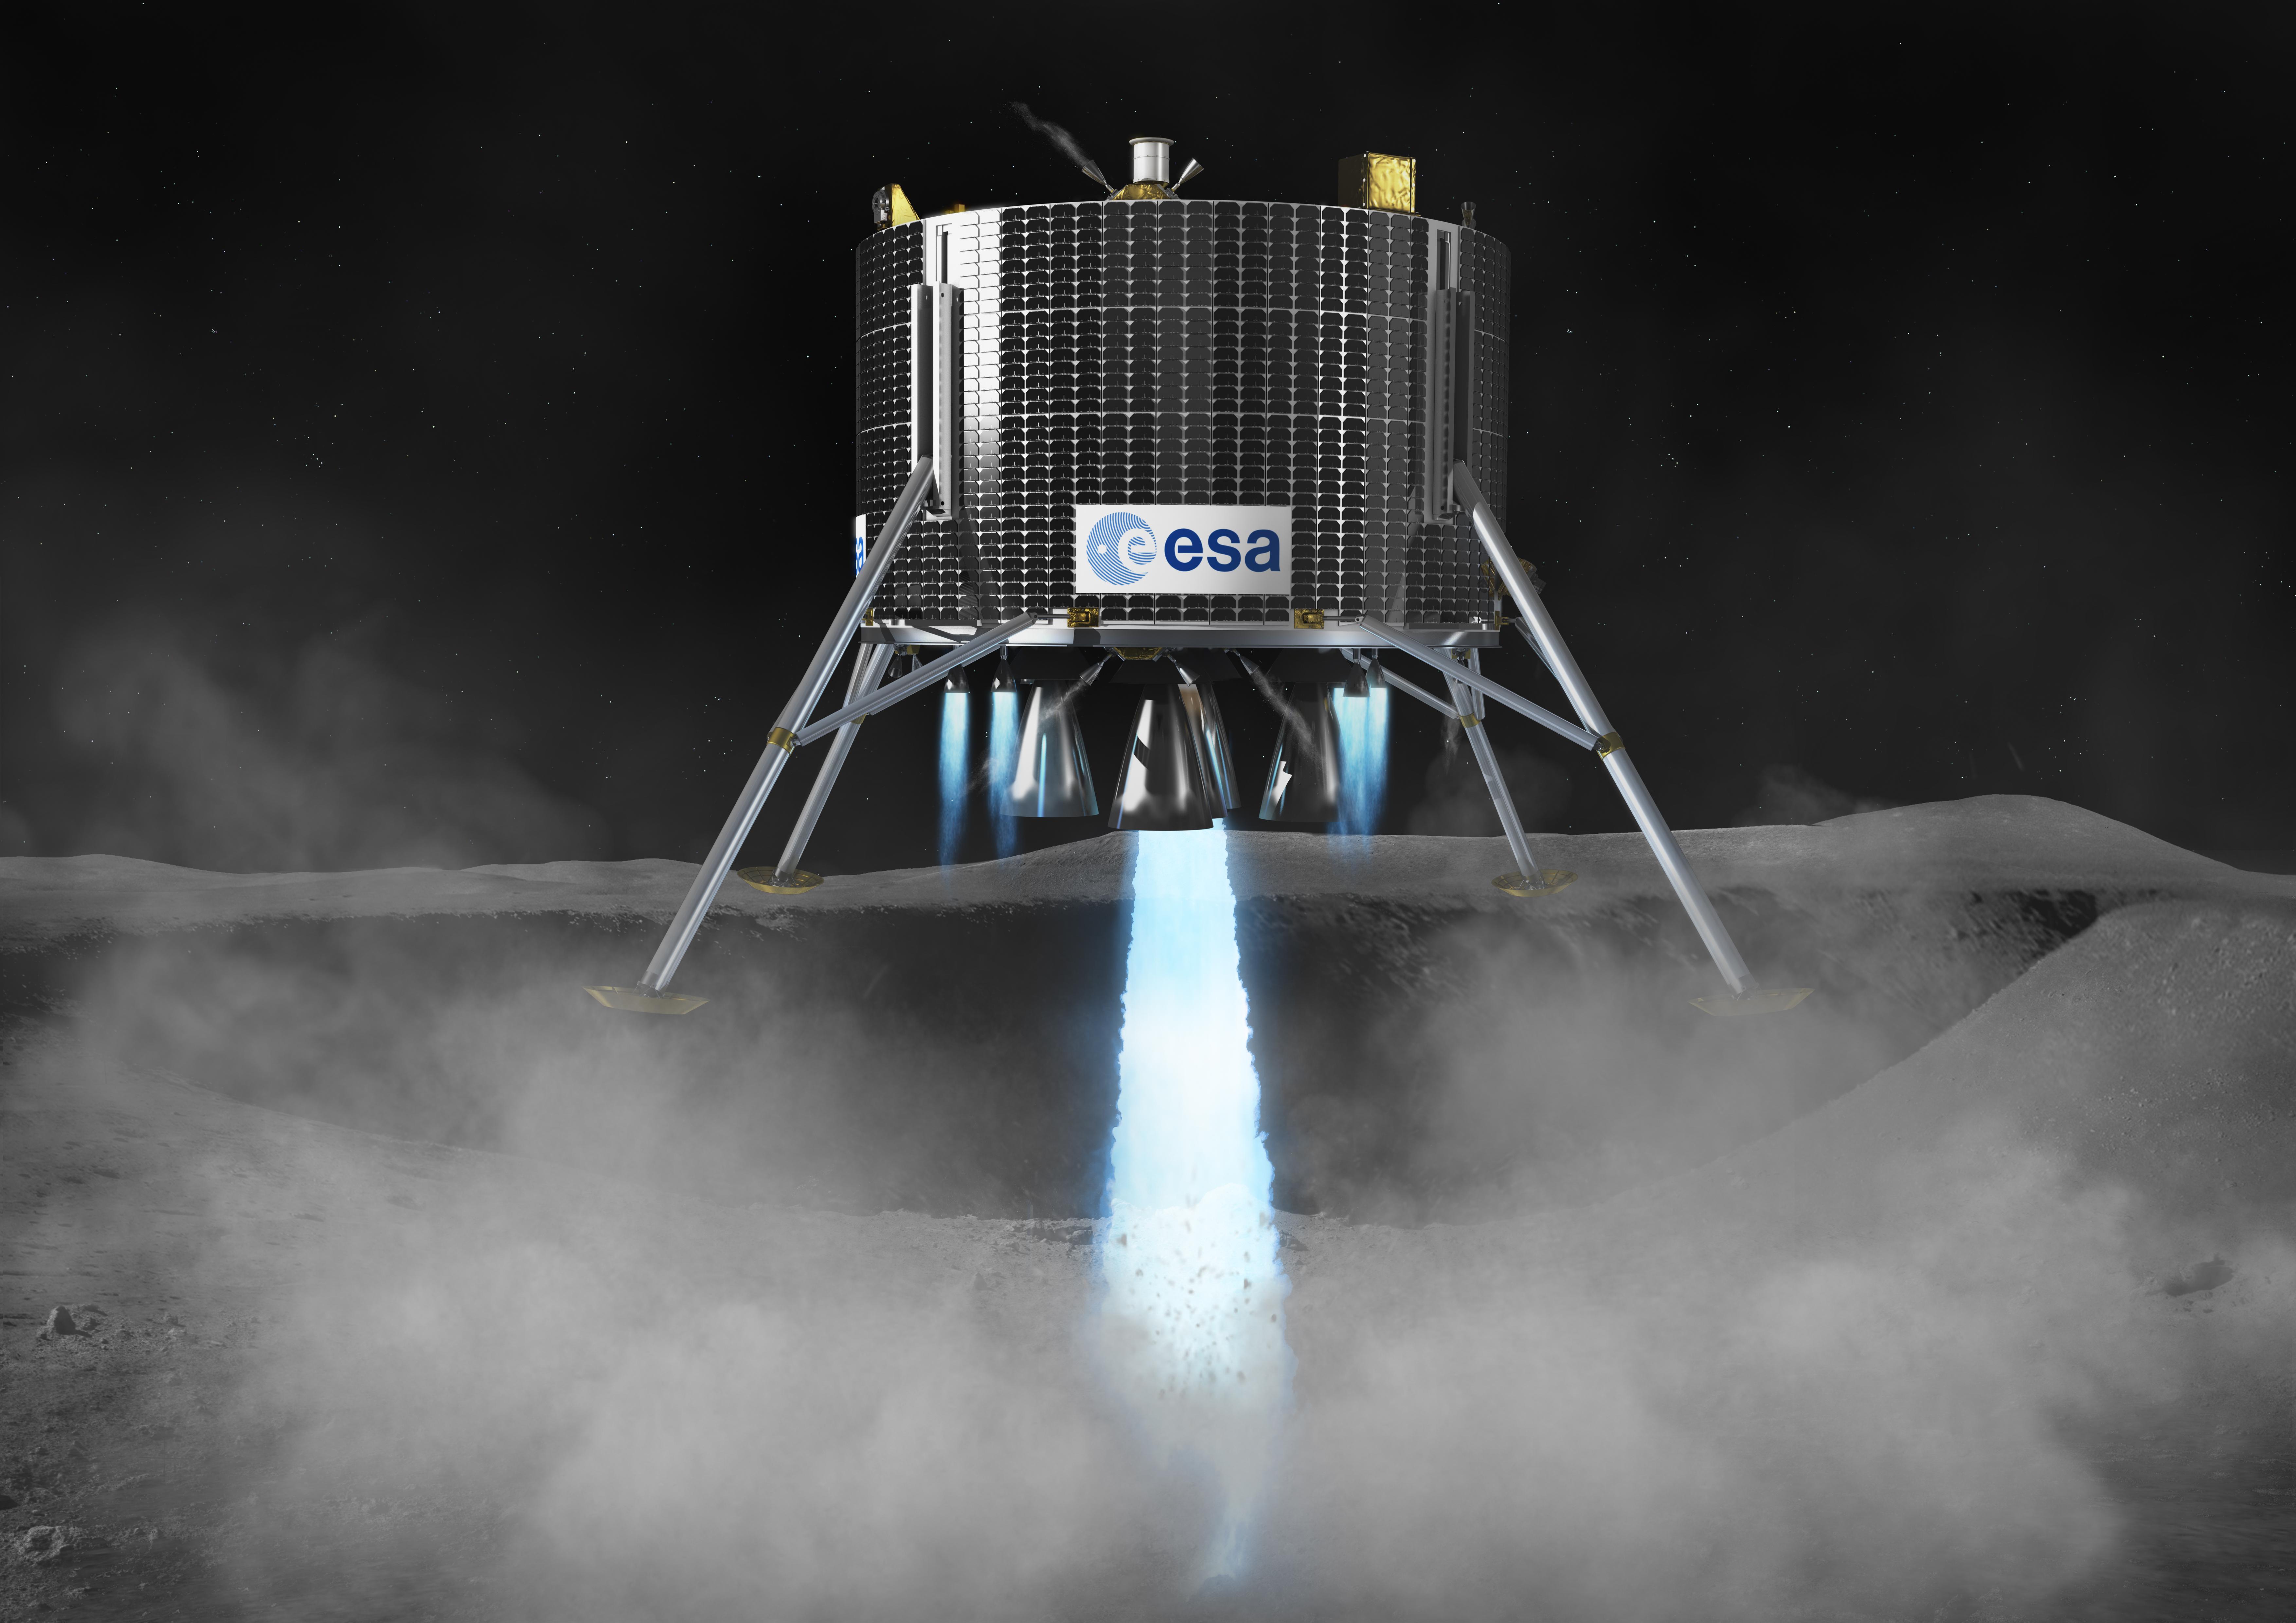 space lunar lander - photo #9